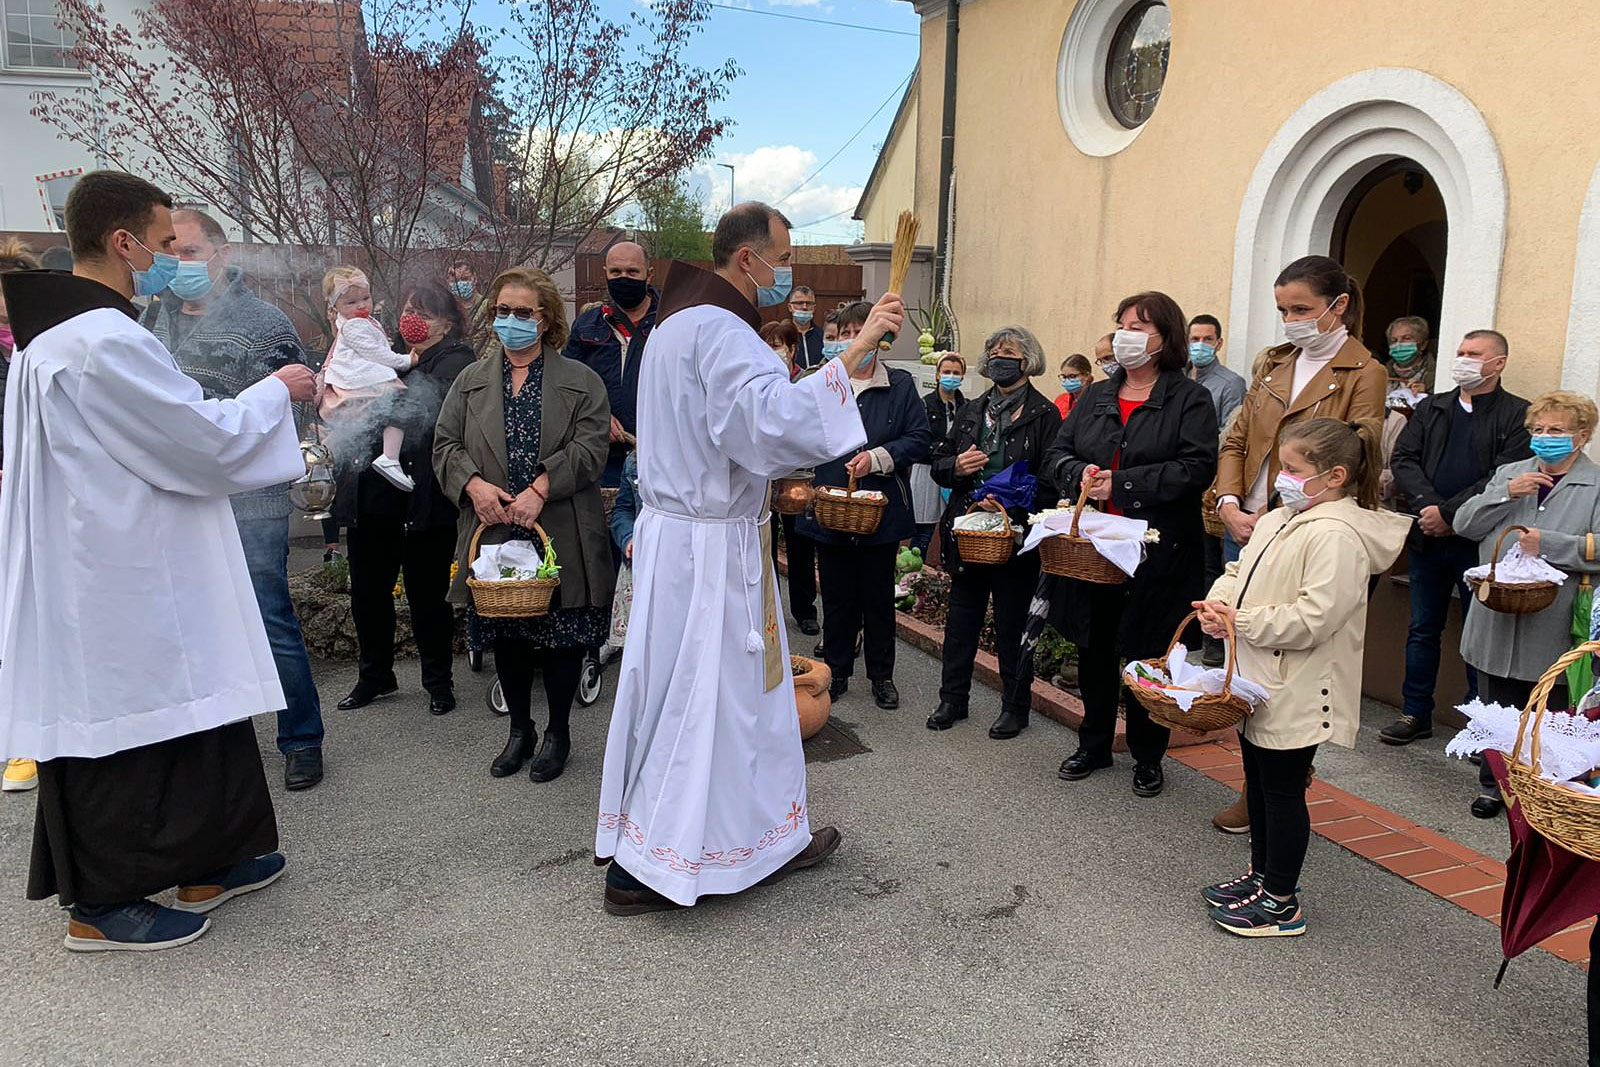 Spm-20210403-uskrsni-blagoslov-jela-u-samostanu-sv-ivana-krstitelja-u-samoboru-001